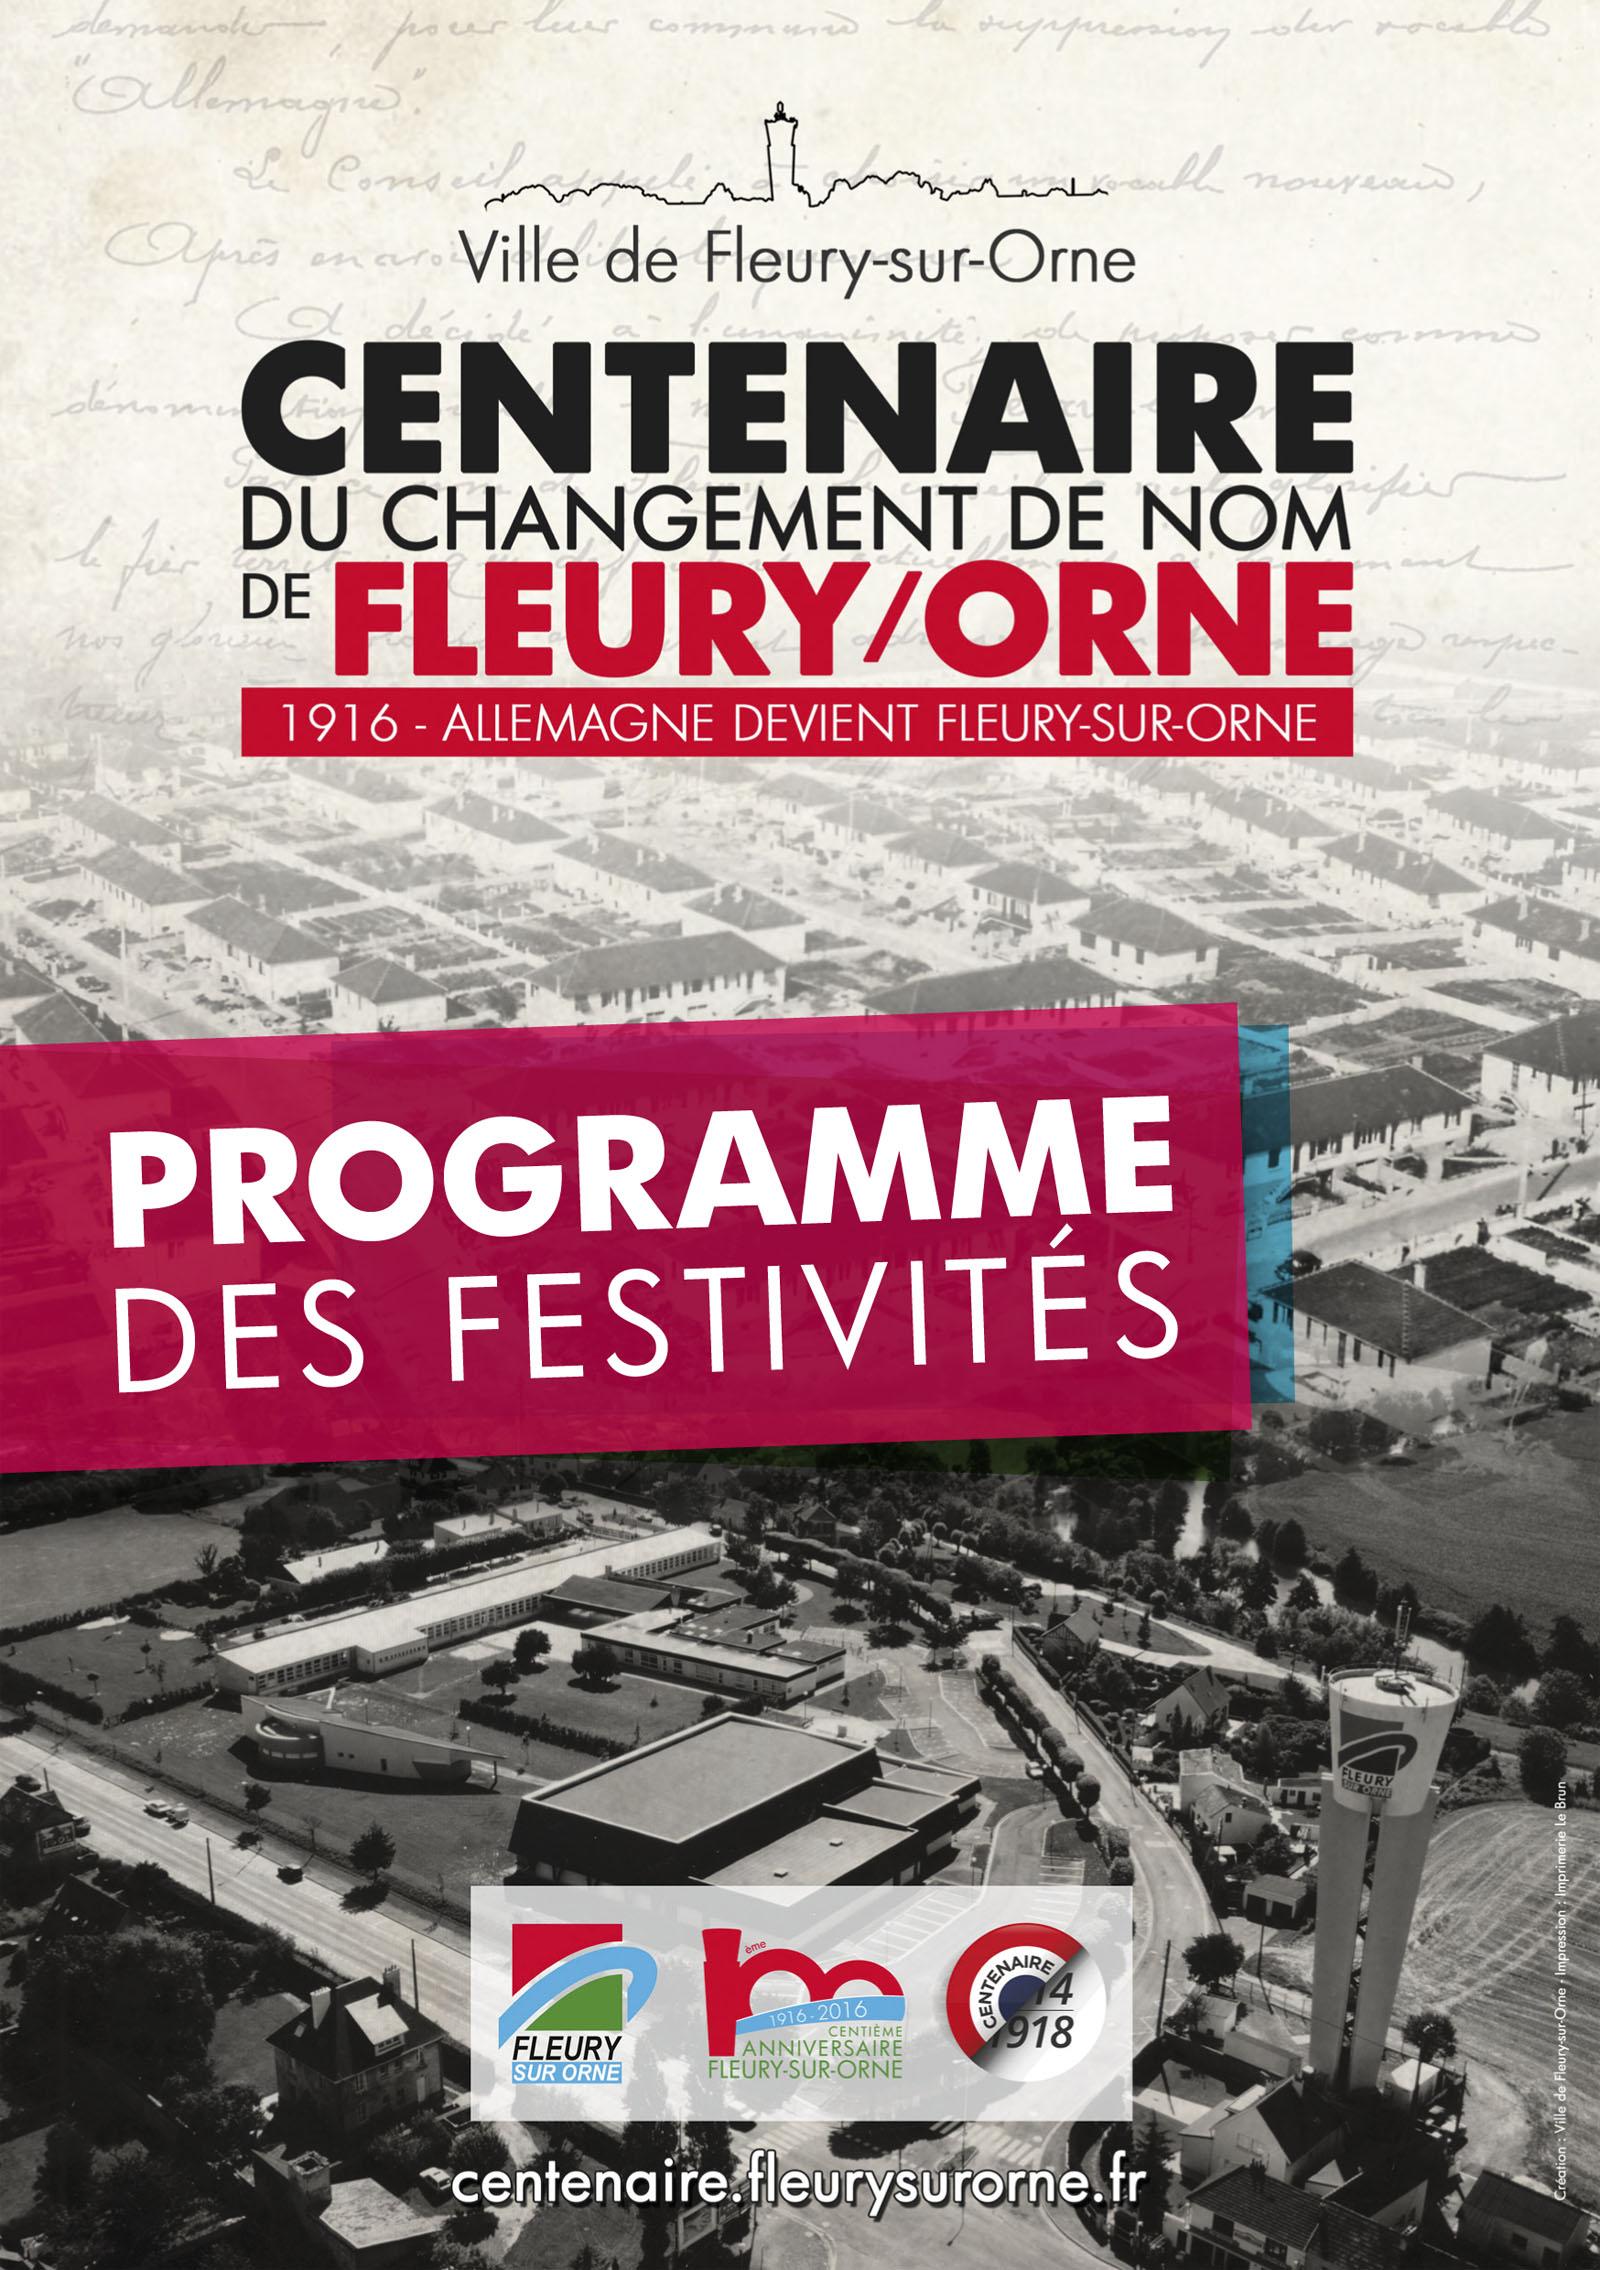 Programme des festivités du centenaire